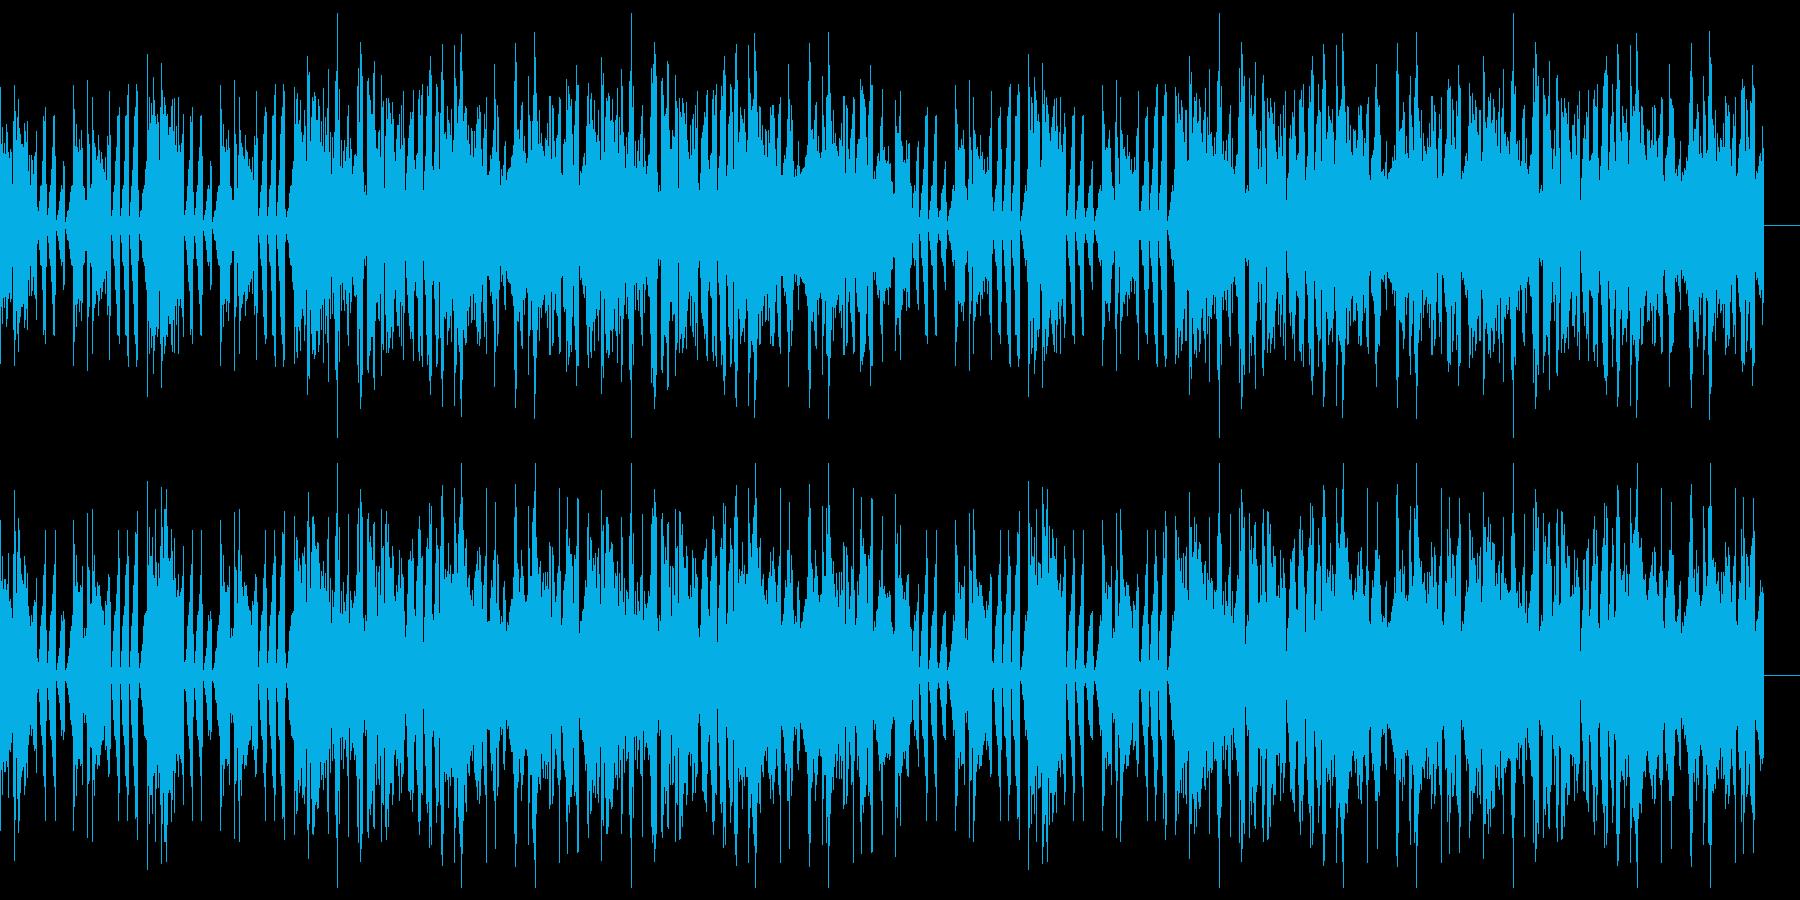 機械奇怪音楽の再生済みの波形